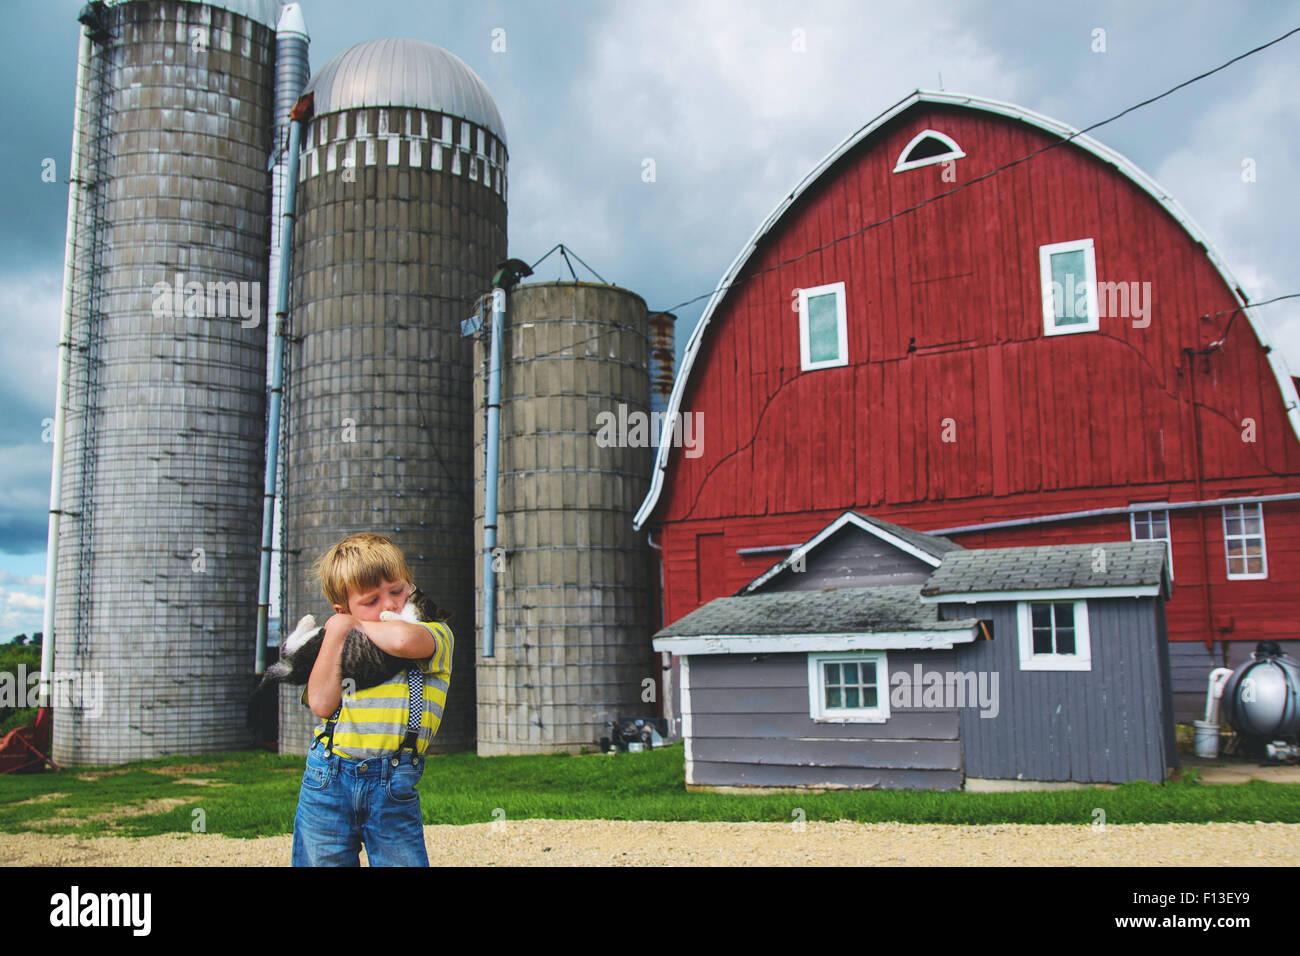 Boy cuddling a cat on a farm - Stock Image